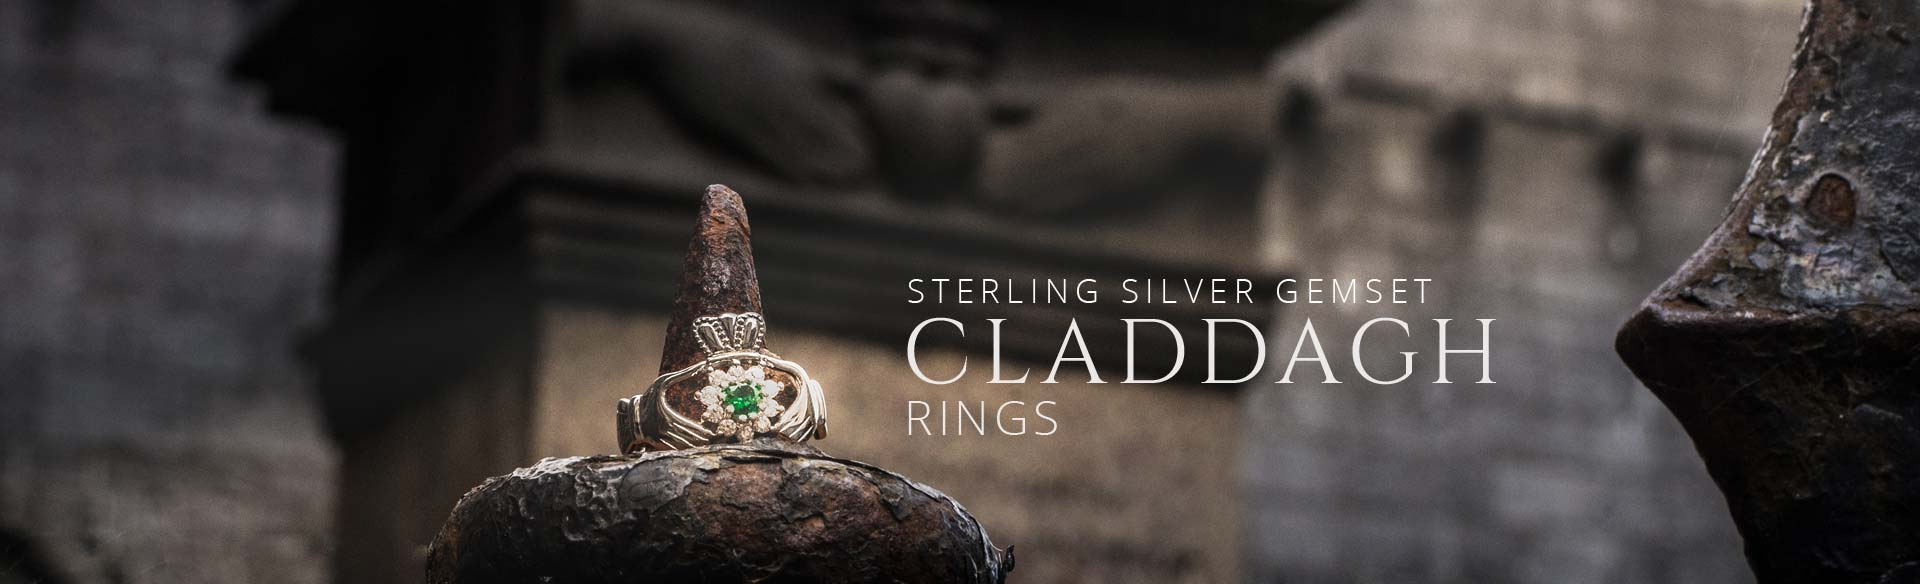 Sterling Silver Gem Set